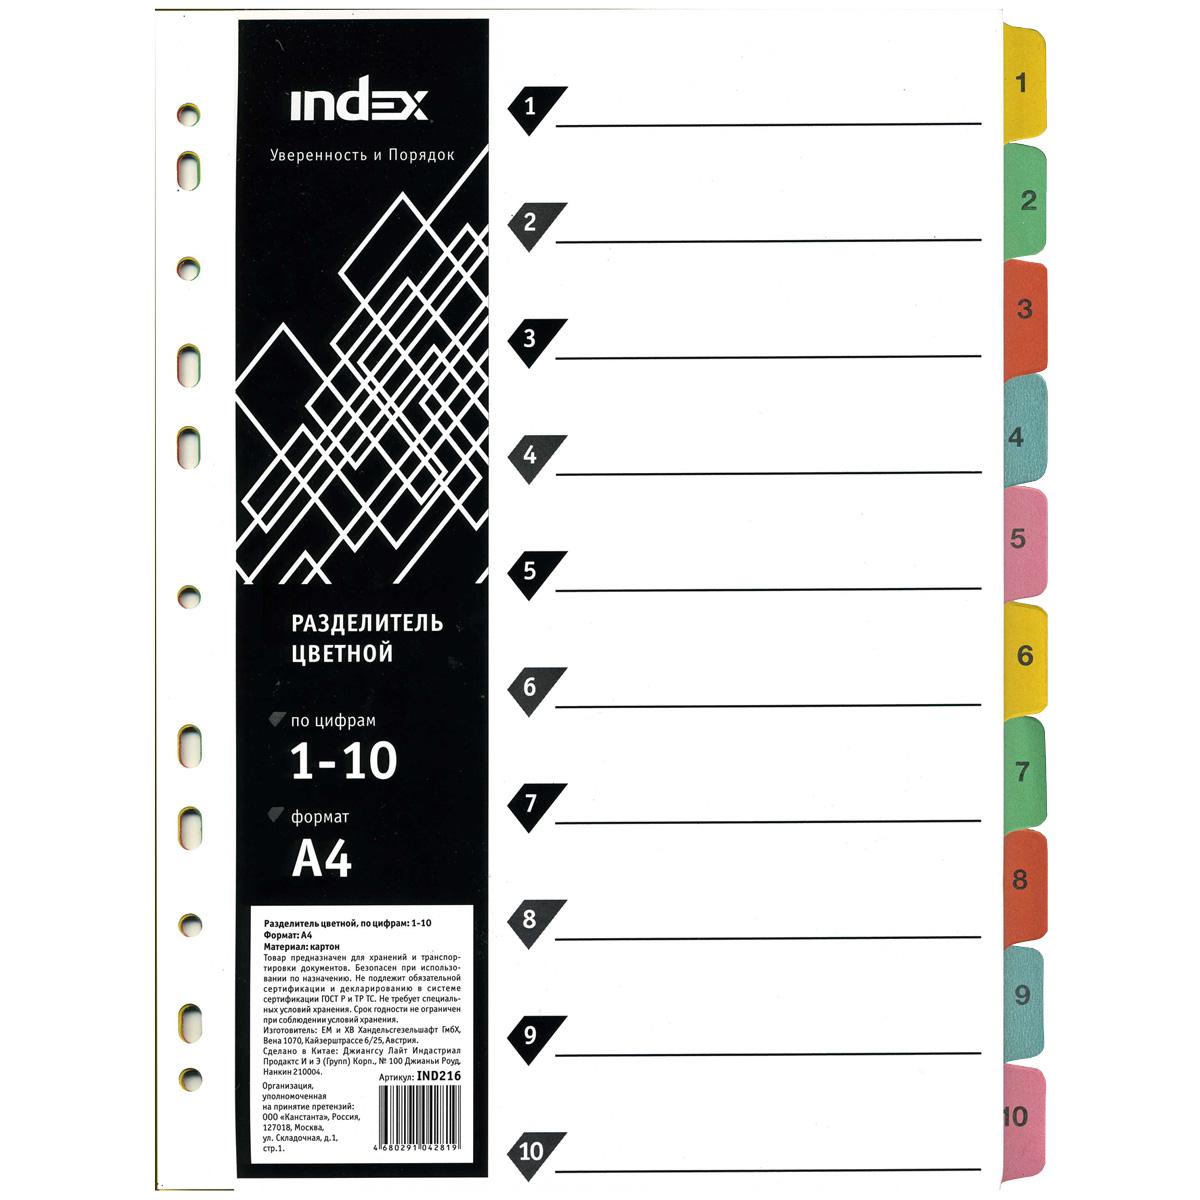 Index Разделитель картонный цифровой 1-10 А4 разделитель картонный цифровой 1 31 ф а4 цветной